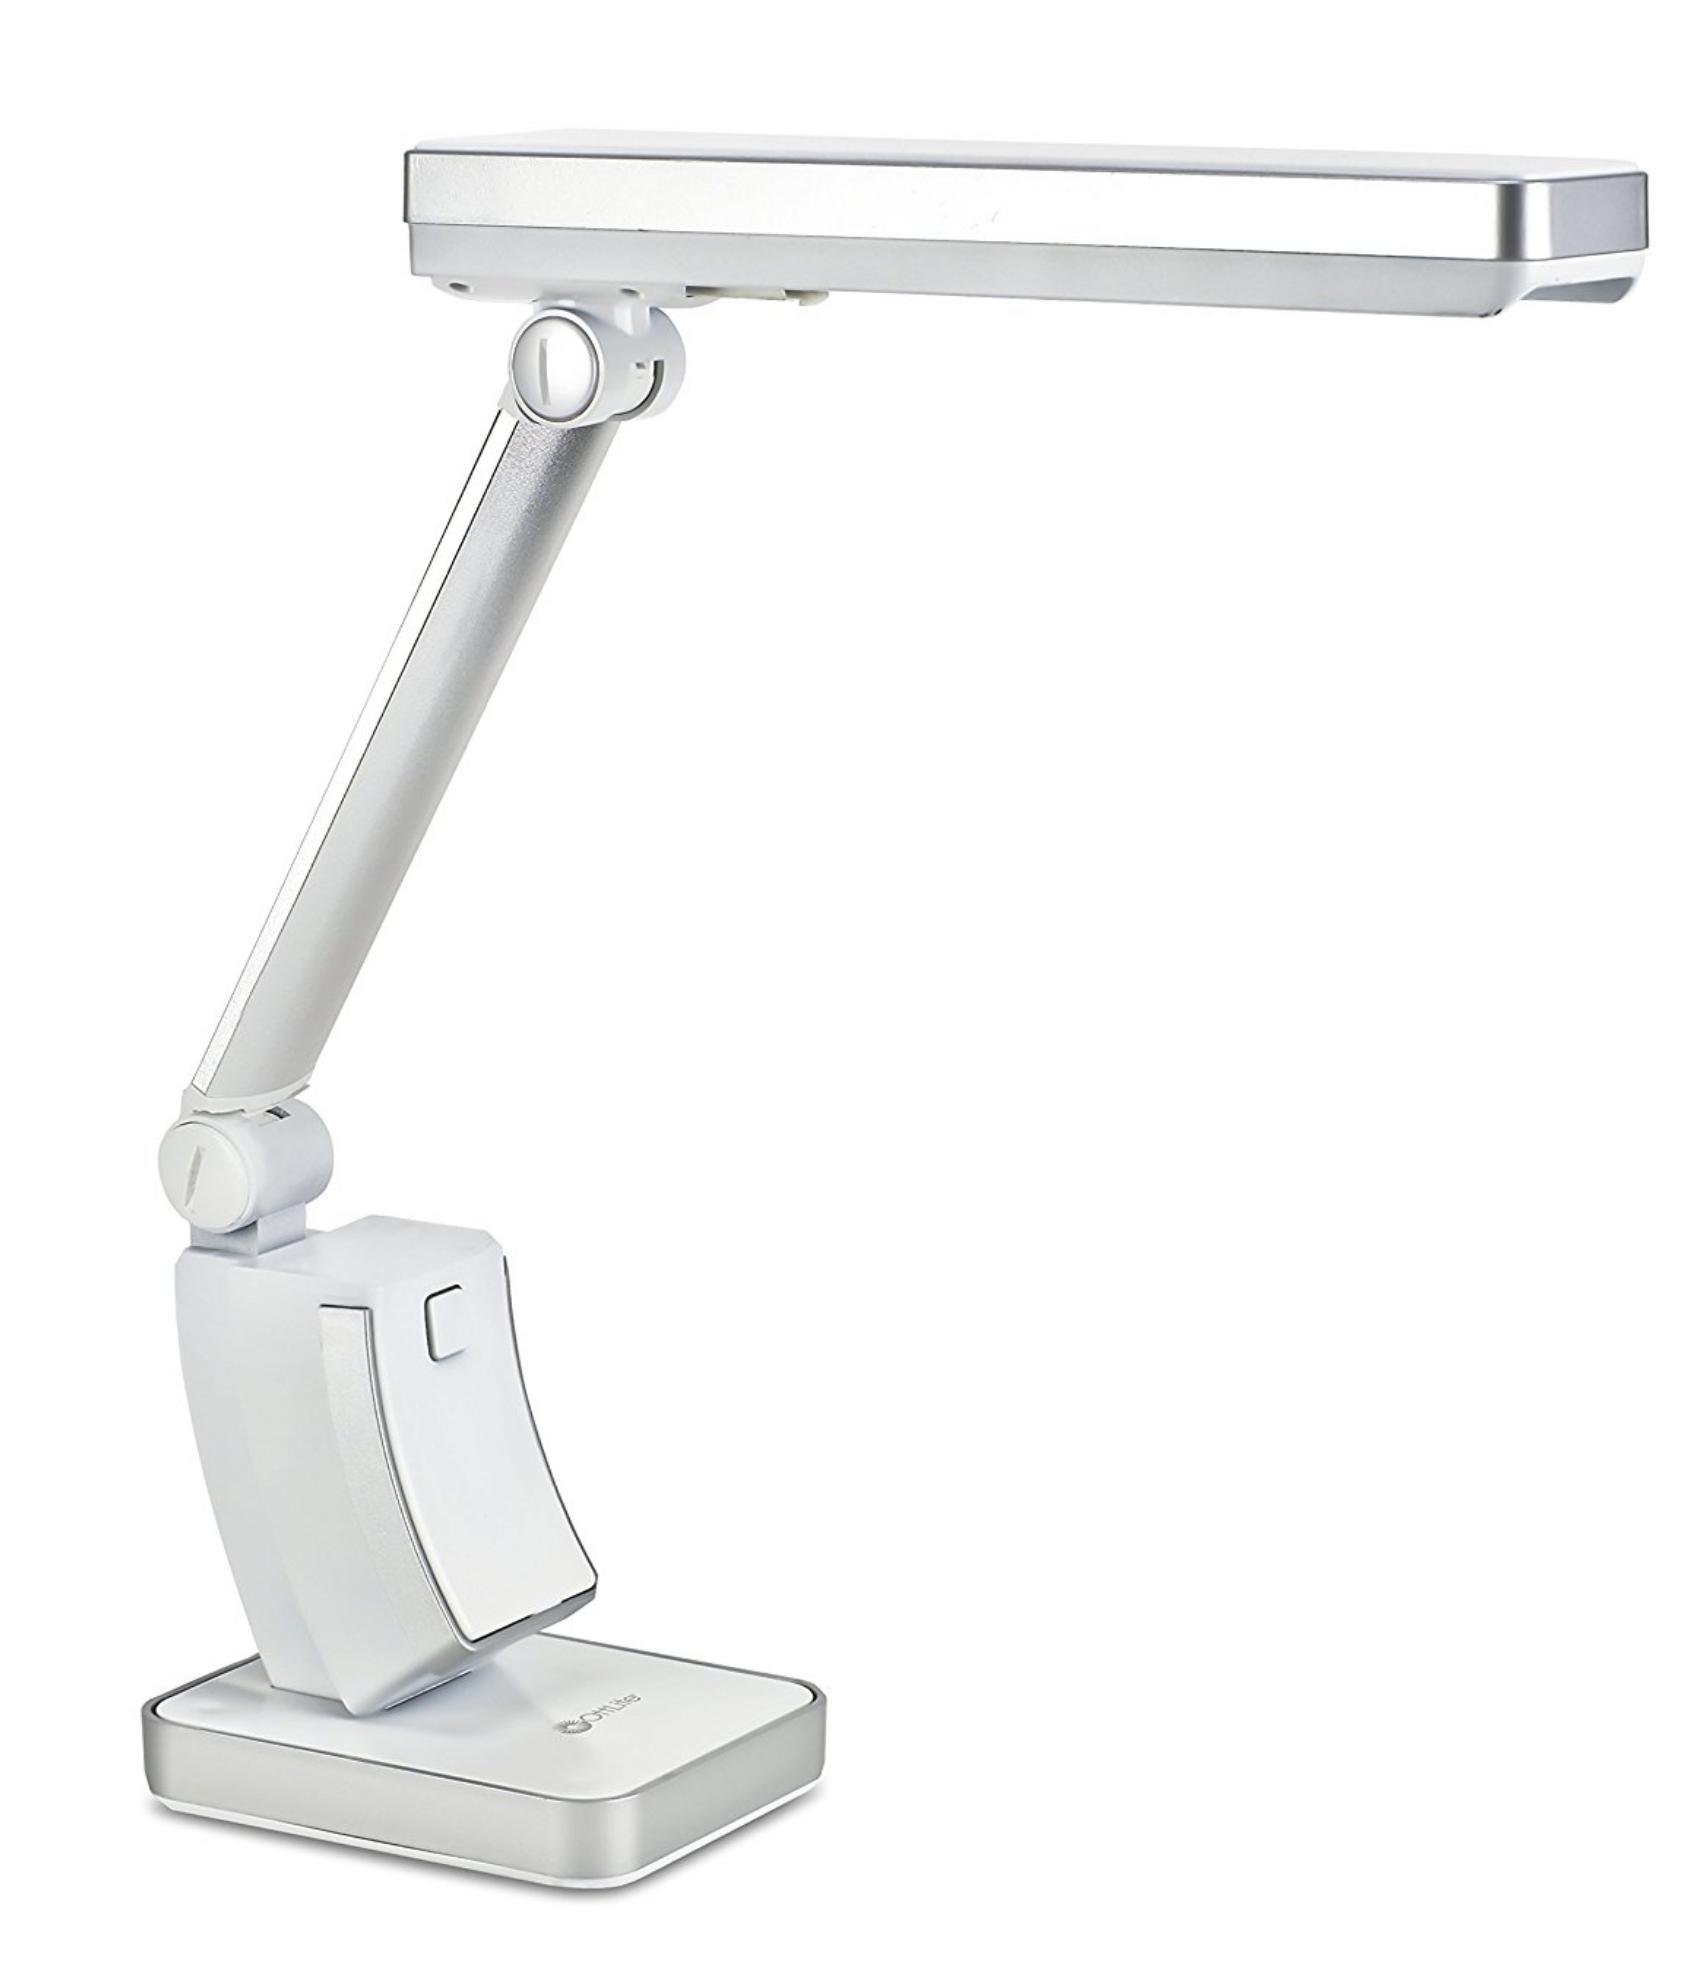 Ottlite Task Lamp Slimline Natural Daylight Adjustable